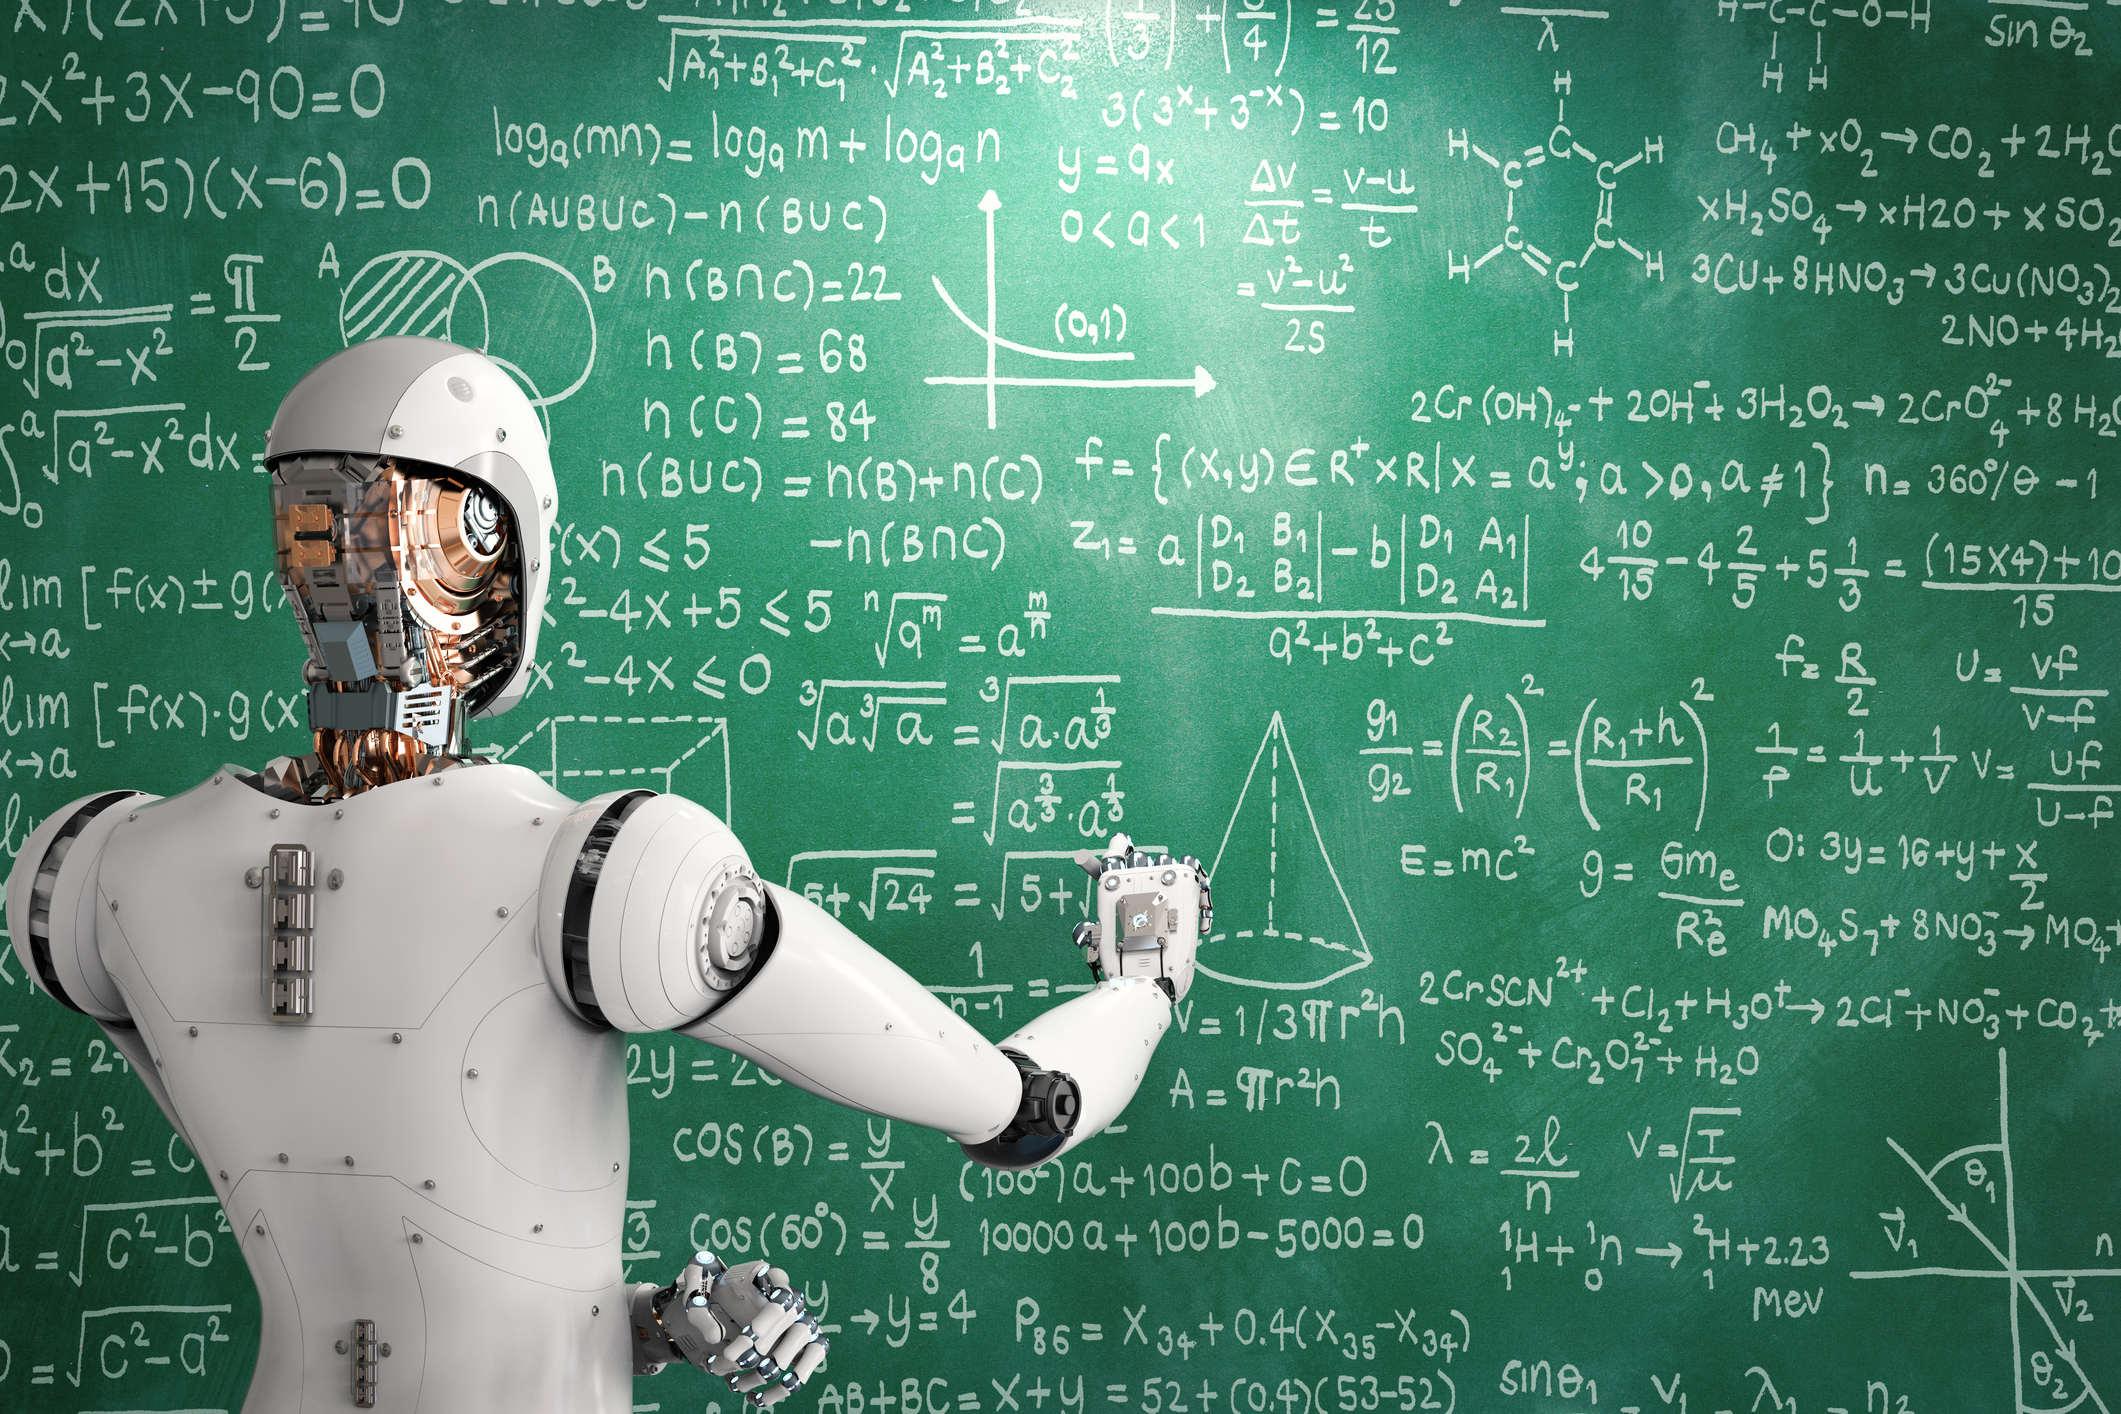 Trí tuệ nhân tạo thay đổi hoàn toàn ngành giáo dục